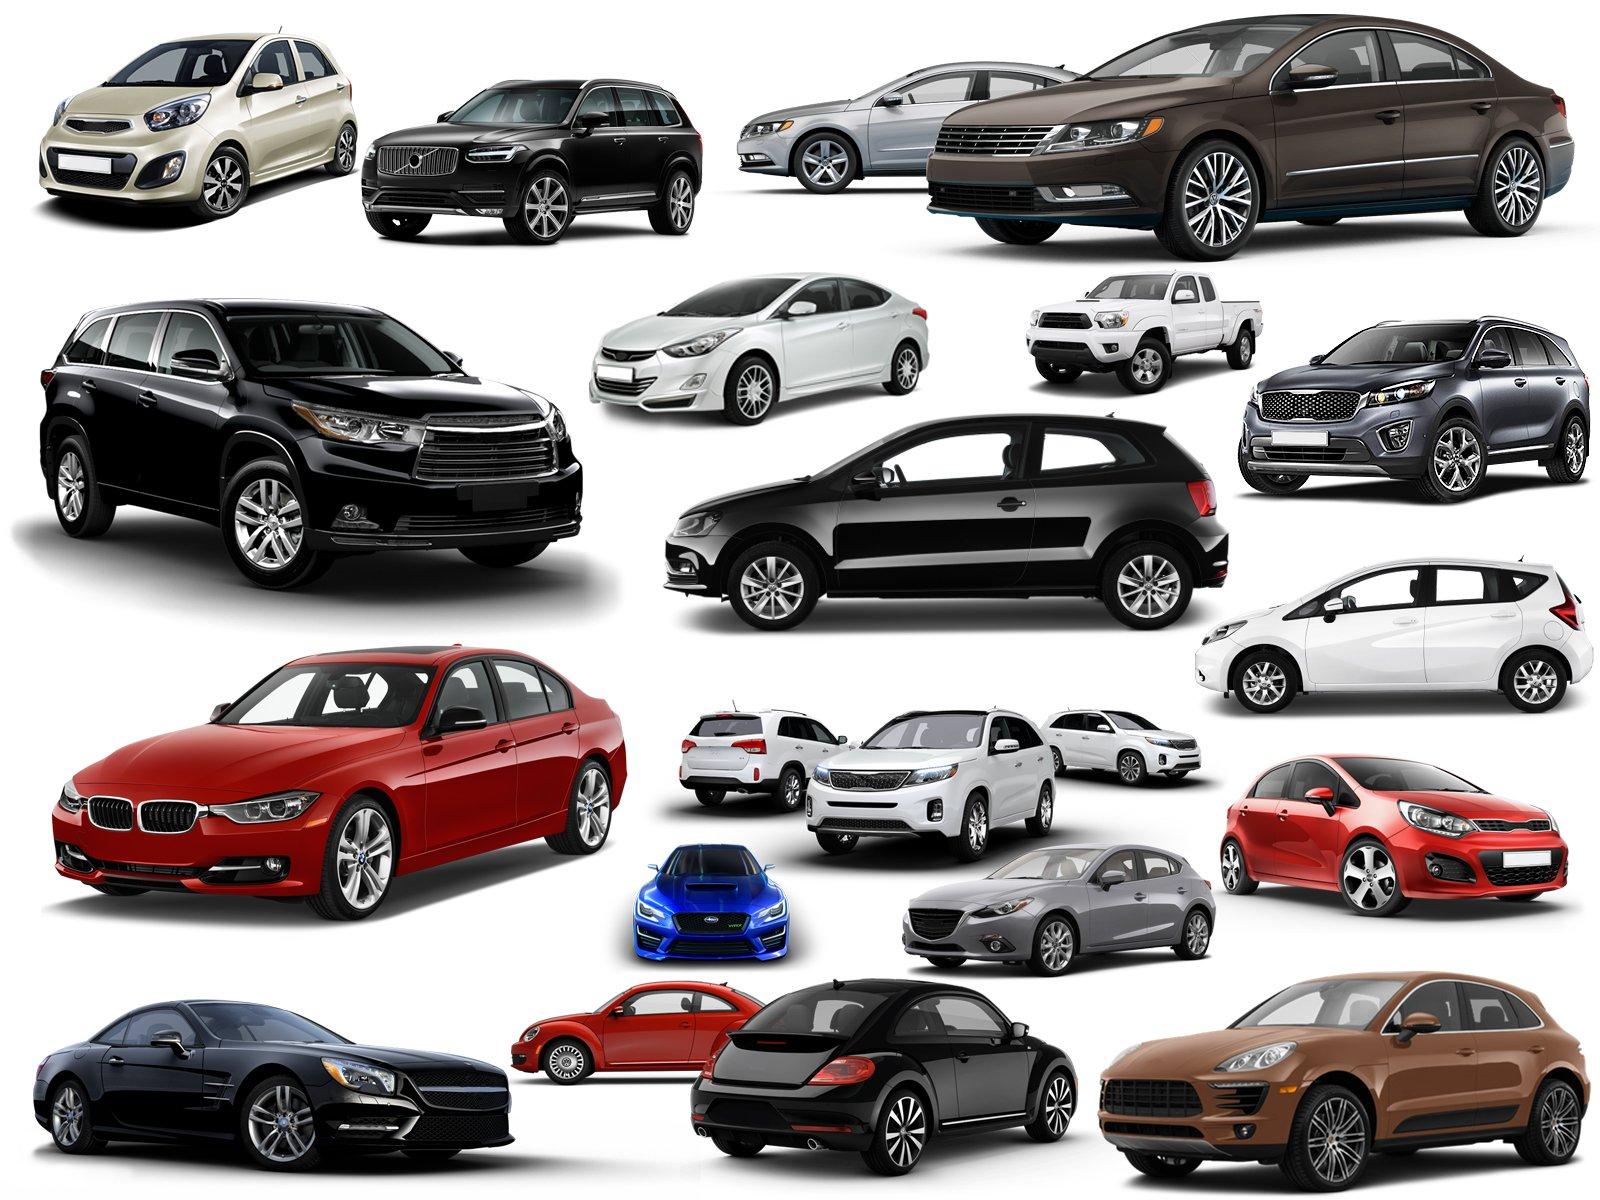 Картинки и описание всех авто время гражданской